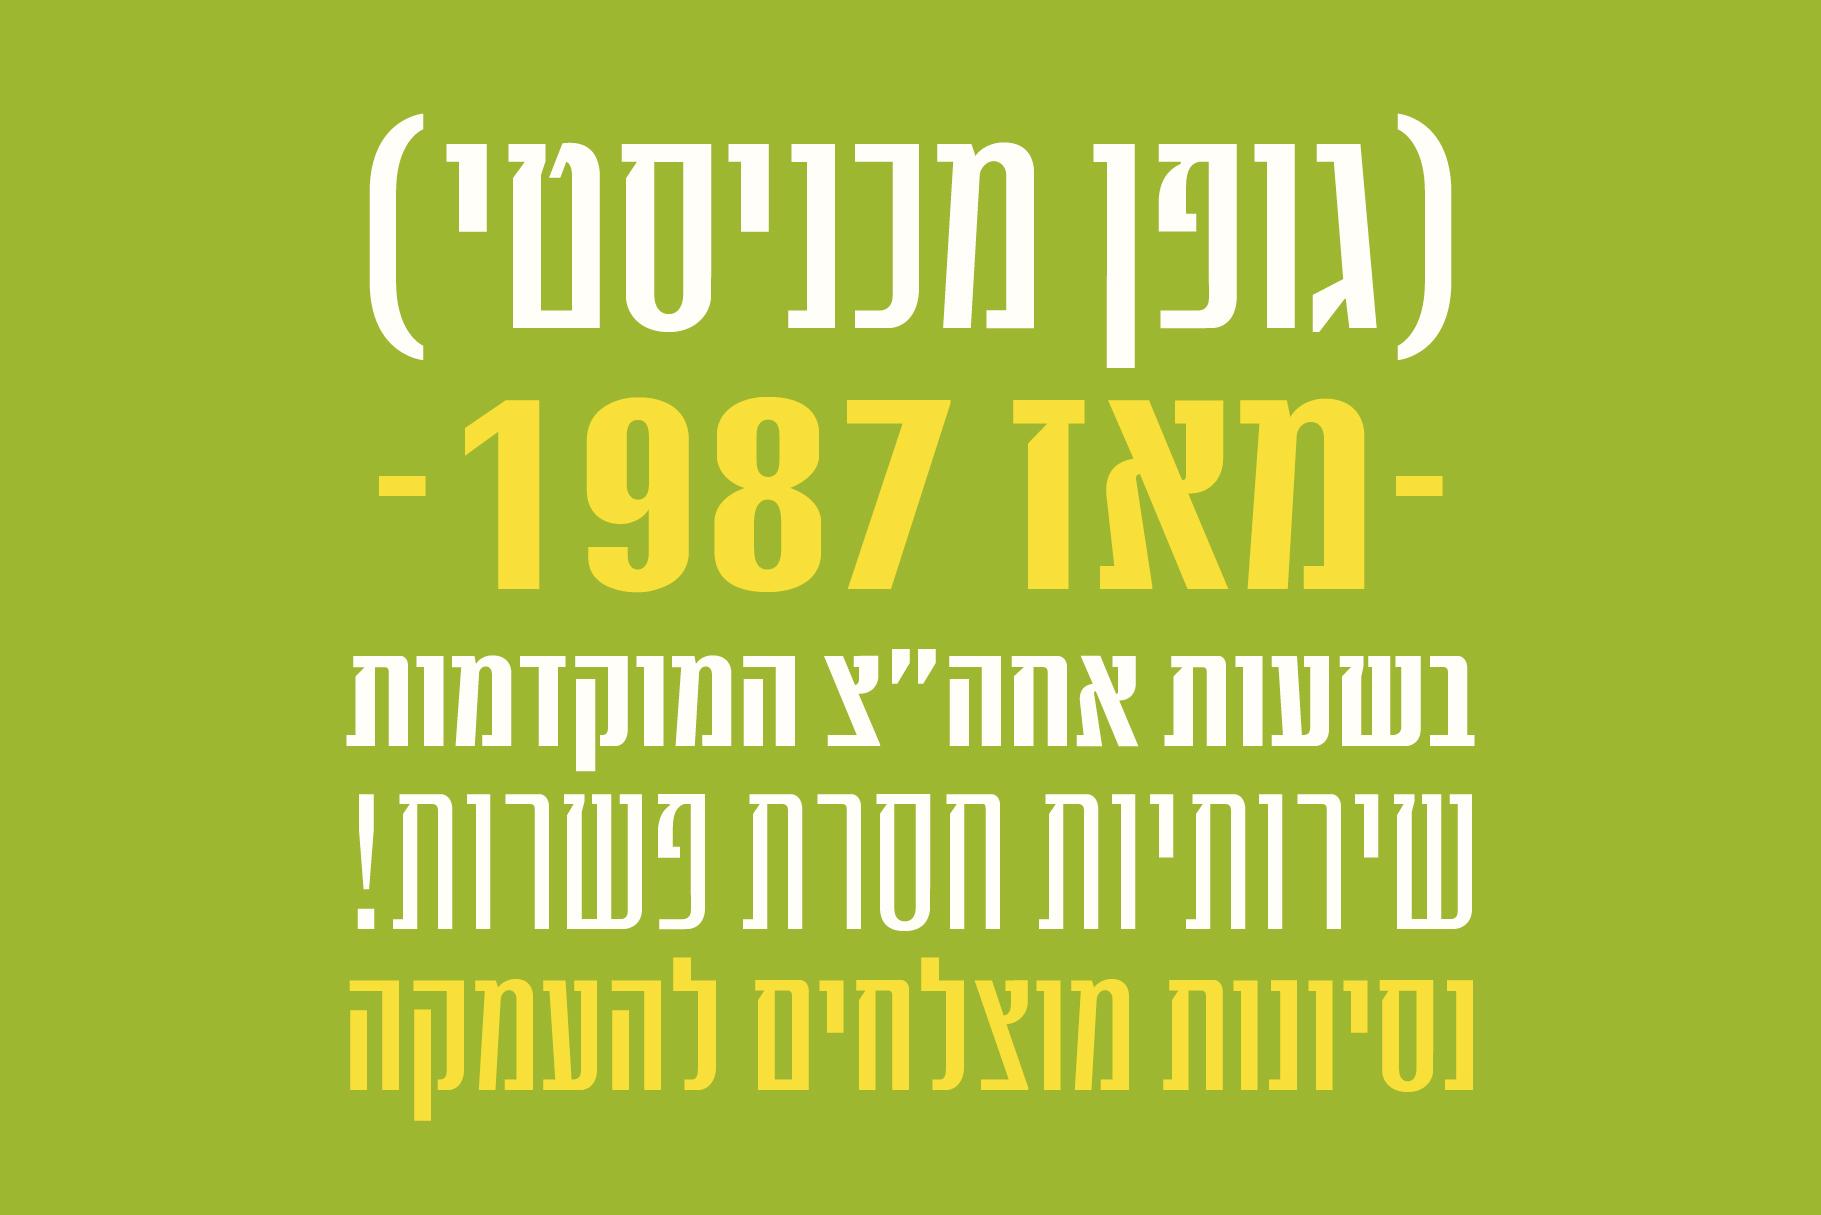 עברית-11.jpg